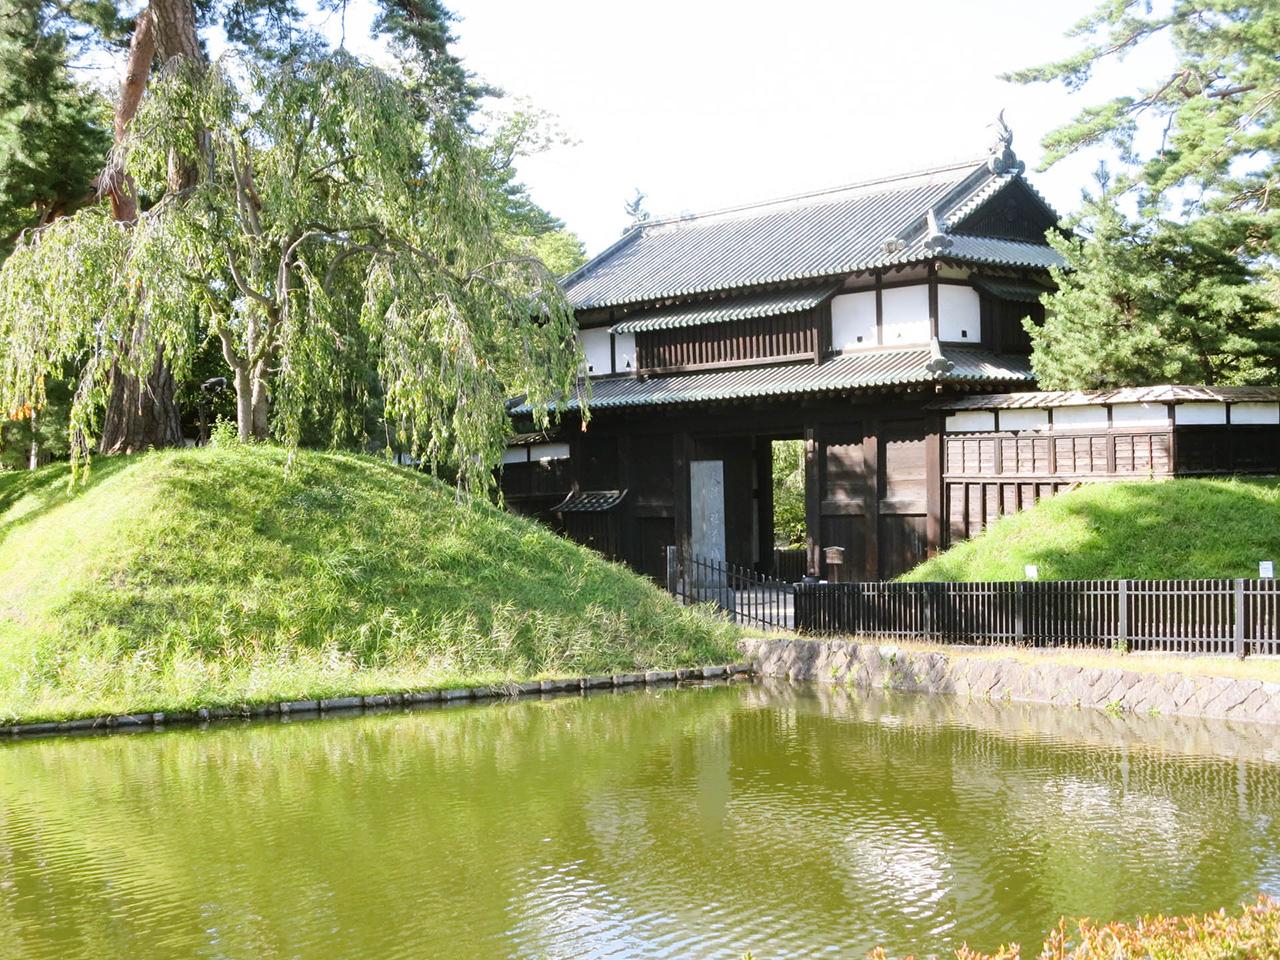 Hirasaki Castle ในวันเขียวสบายตาของ ฤดูร้อน อาโอโมริ